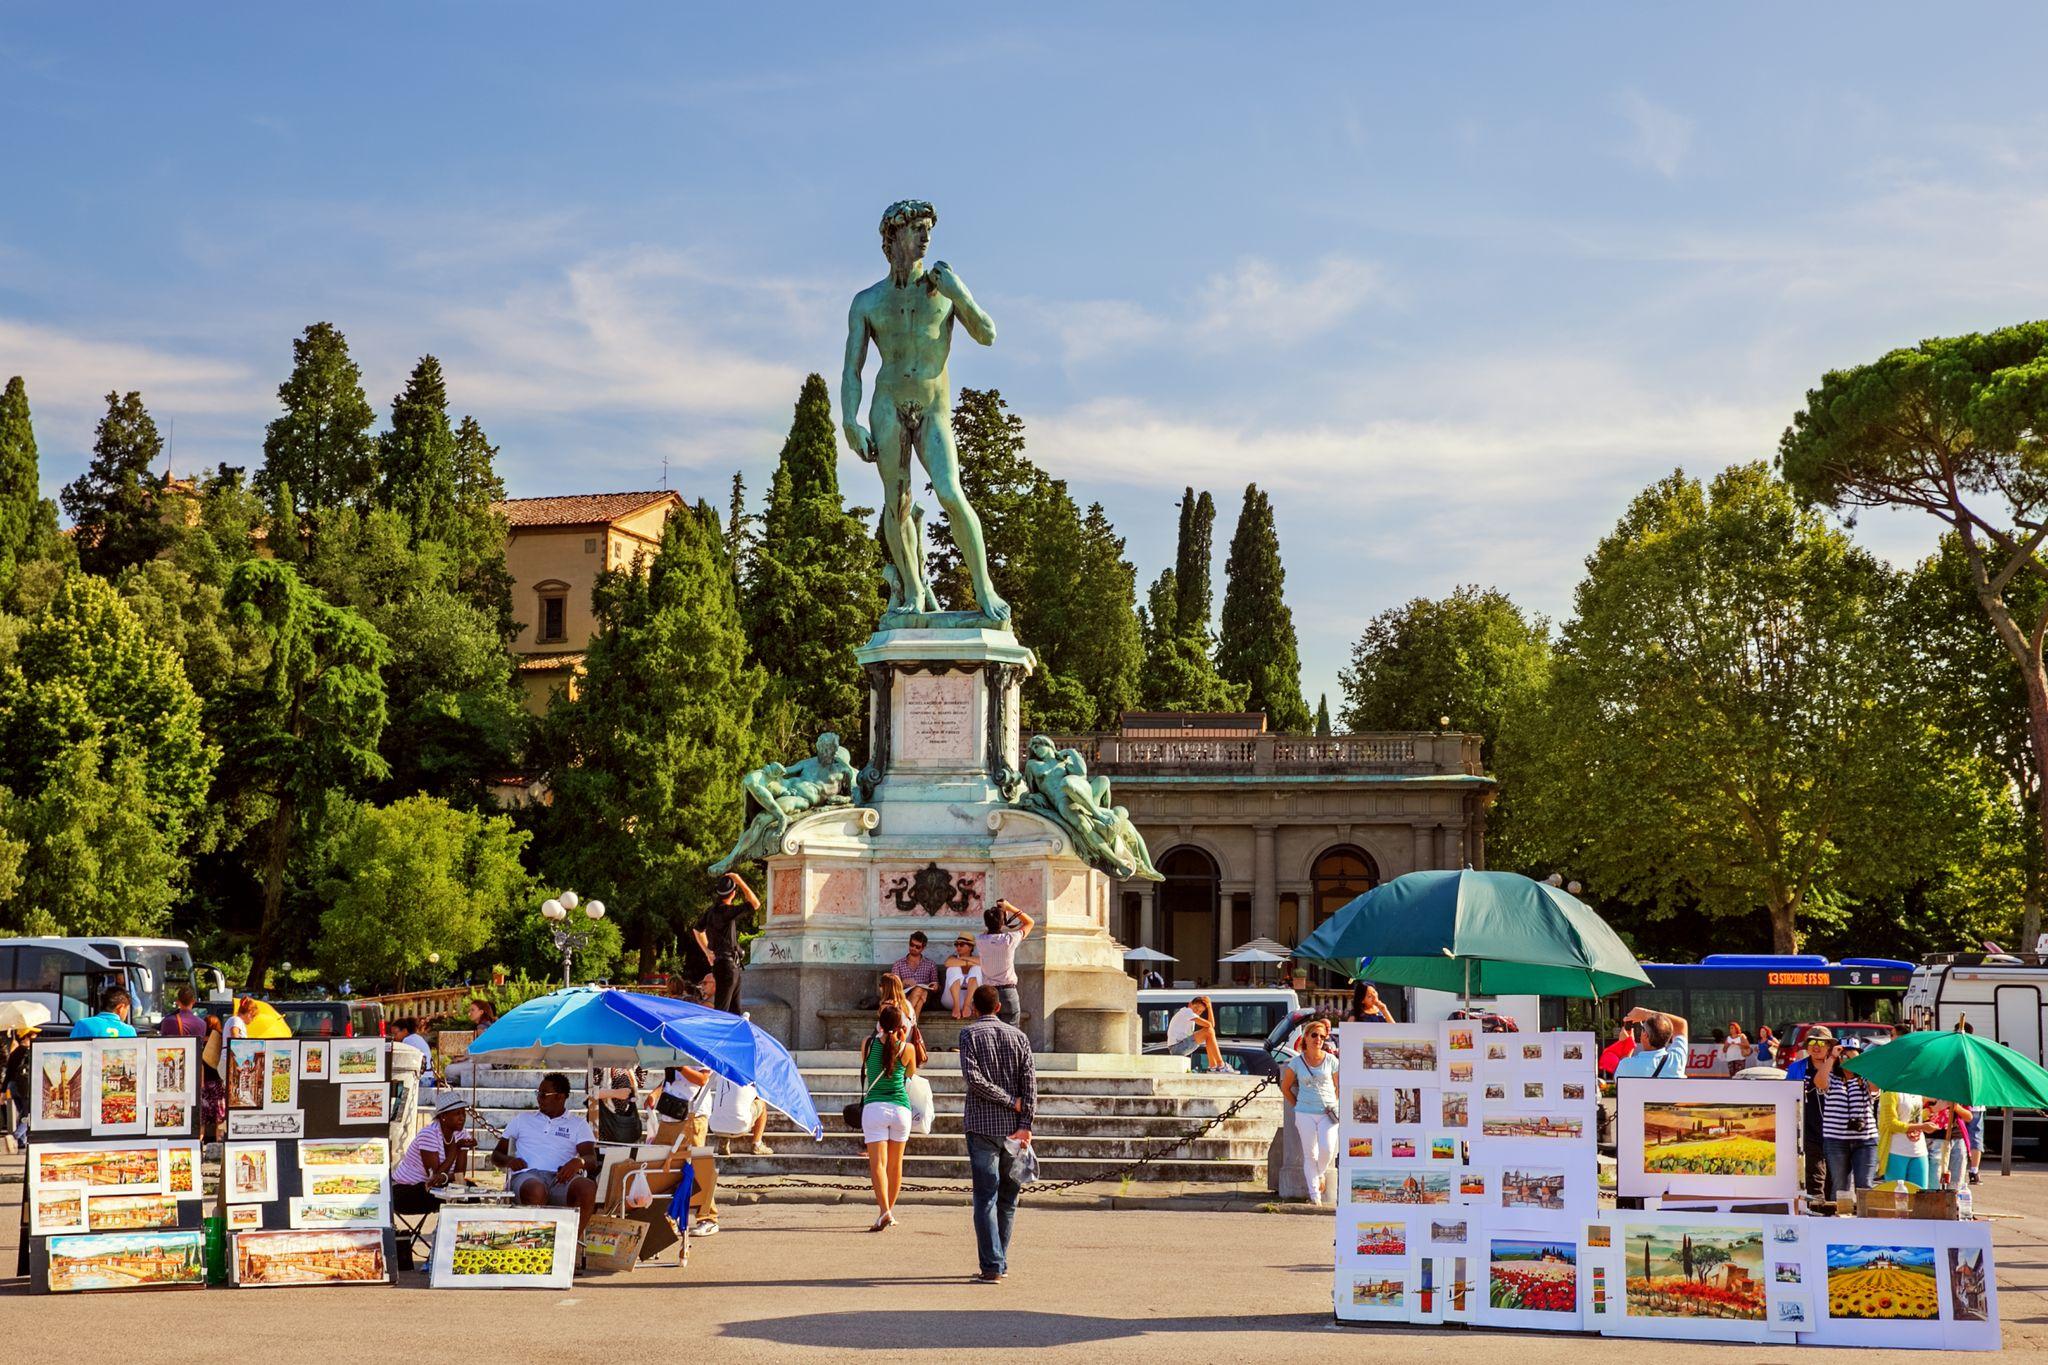 Πλατεία Michelangelo (Piazzale Michelangelo), Φλωρεντία, Ιταλία, Ευρώπη